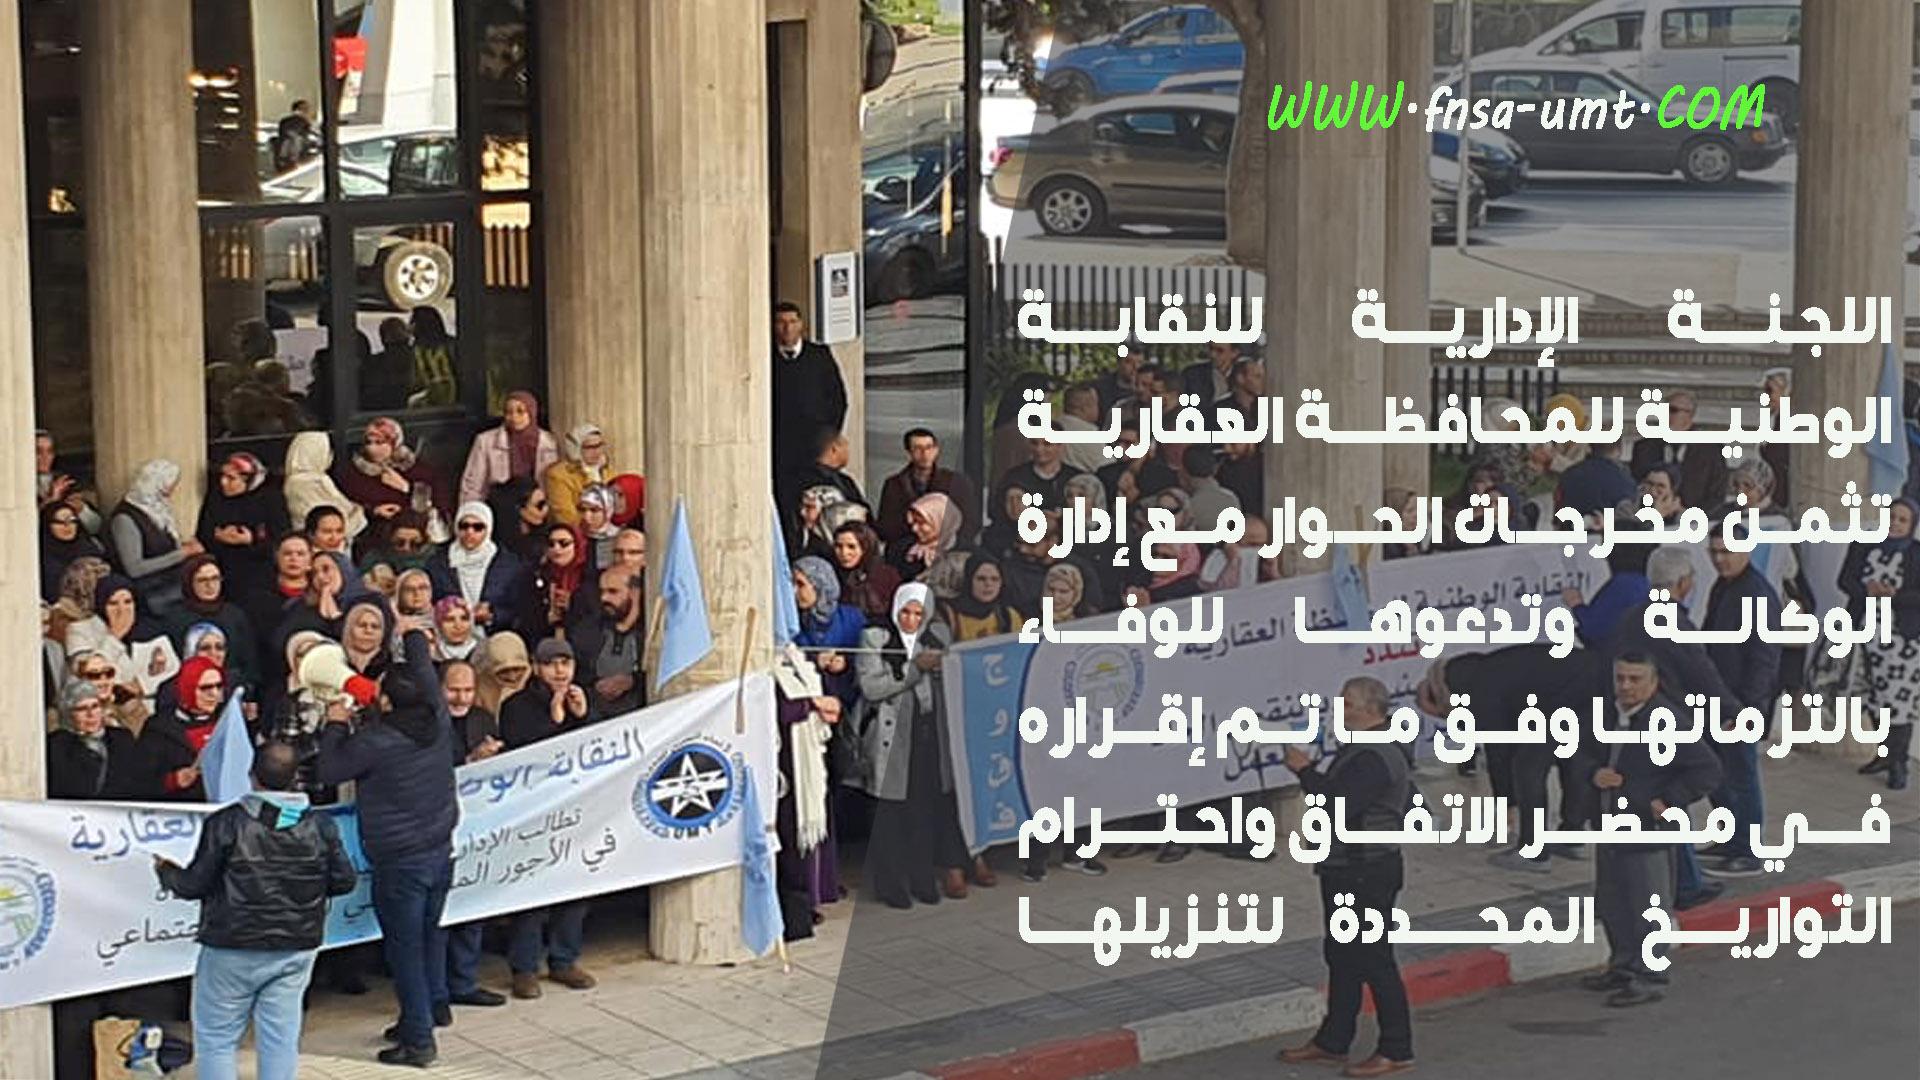 وقفة احتجاجية للنقابة الوطنية للمحافظة العقارية